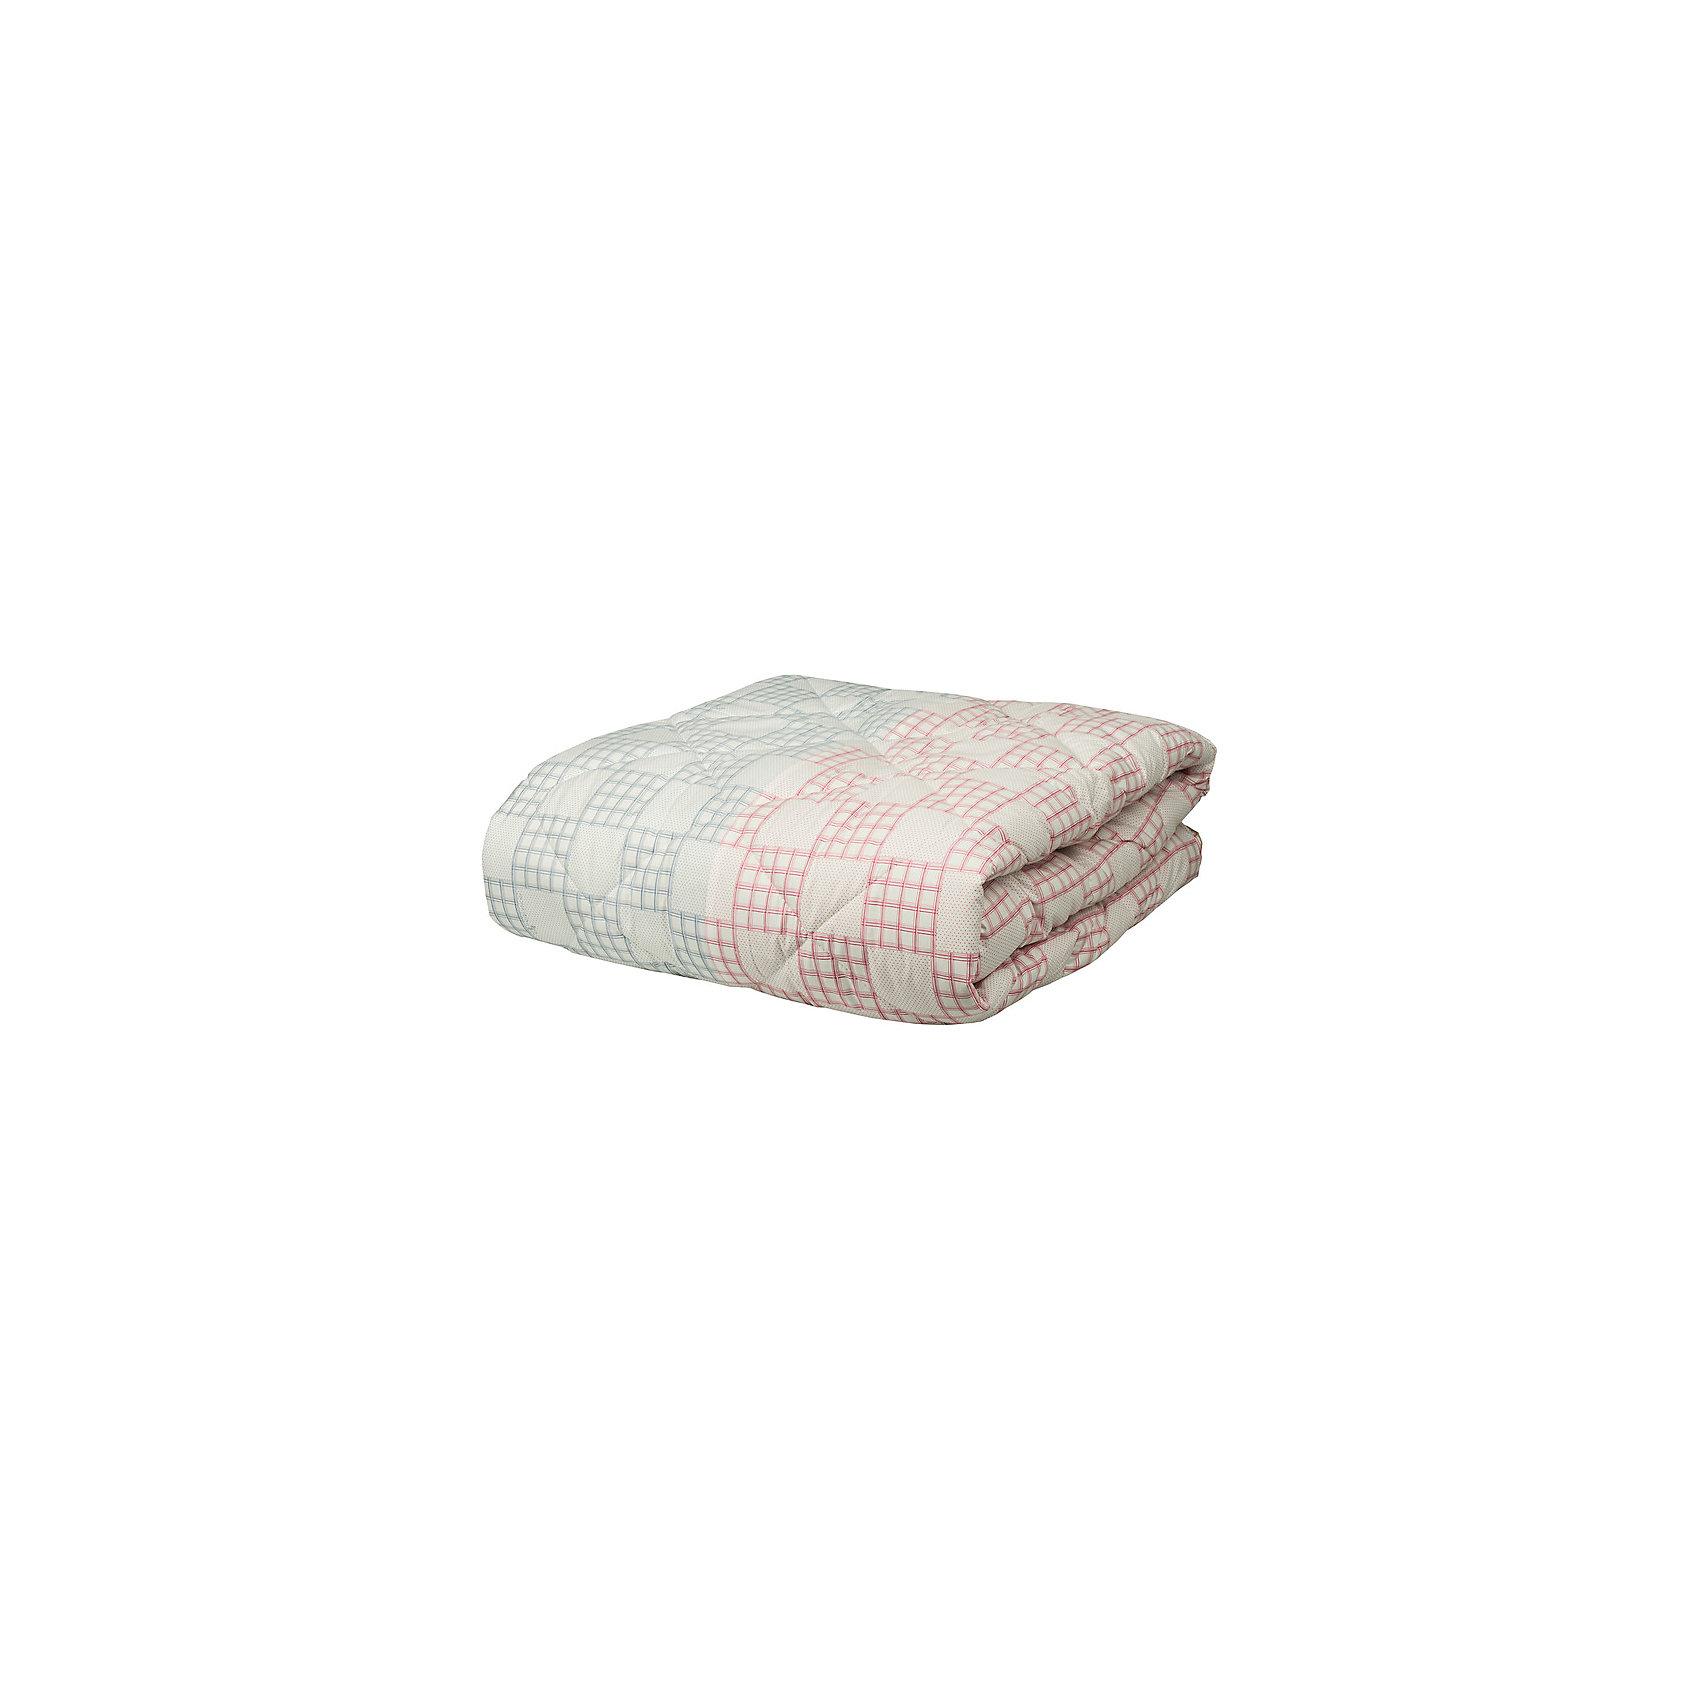 Одеяло 2сп SL Chalet Climat Control тик, Mona Liza, роза/грозовойДомашний текстиль<br>Характеристики:<br><br>• Вид домашнего текстиля: одеяло<br>• Серия: Chalet by Serg Look<br>• Сезон: круглый год<br>• Материал чехла: полиэстер, 100% <br>• Наполнитель: 30% верблюжья шерсть, 30% бамбук, 40% полиэстер<br>• Цвет: розовый, молочный, голубой<br>• Размеры (Д*Ш): 170*205 см <br>• Тип упаковки: полиэтиленовая сумка с ручками<br>• Вес в упаковке: 2 кг 100 г<br>• Особенности ухода: машинная стирка при температуре 30 градусов<br><br>Одеяло 2сп SL Chalet Climat Control тик, Mona Liza, роза/грозовой изготовлено под отечественным торговым брендом, выпускающим постельные принадлежности из натуральных тканей и качественных наполнителей. Одеяло выполнено из синтетического тика, отличающегося гладкой, но не скользящей поверхностью прочного полотна. В качестве наполнителя использовано сочетание шерсти, с одной стороны, и бамбукового и силиконизированного волокна, с другой стороны, что создает две зоны теплового режима. Одеяло обладает высокими гипоаллергенными свойствами.<br>Одеяло 2сп SL Chalet Climat Control тик, Mona Liza, роза/грозовой – домашний текстиль, соответствующий международным стандартам качества и безопасности!<br><br>Одеяло 2сп SL Chalet Climat Control тик, Mona Liza, роза/грозовой можно купить в нашем интернет-магазине.<br><br>Ширина мм: 540<br>Глубина мм: 220<br>Высота мм: 460<br>Вес г: 1600<br>Возраст от месяцев: 84<br>Возраст до месяцев: 216<br>Пол: Унисекс<br>Возраст: Детский<br>SKU: 5165703